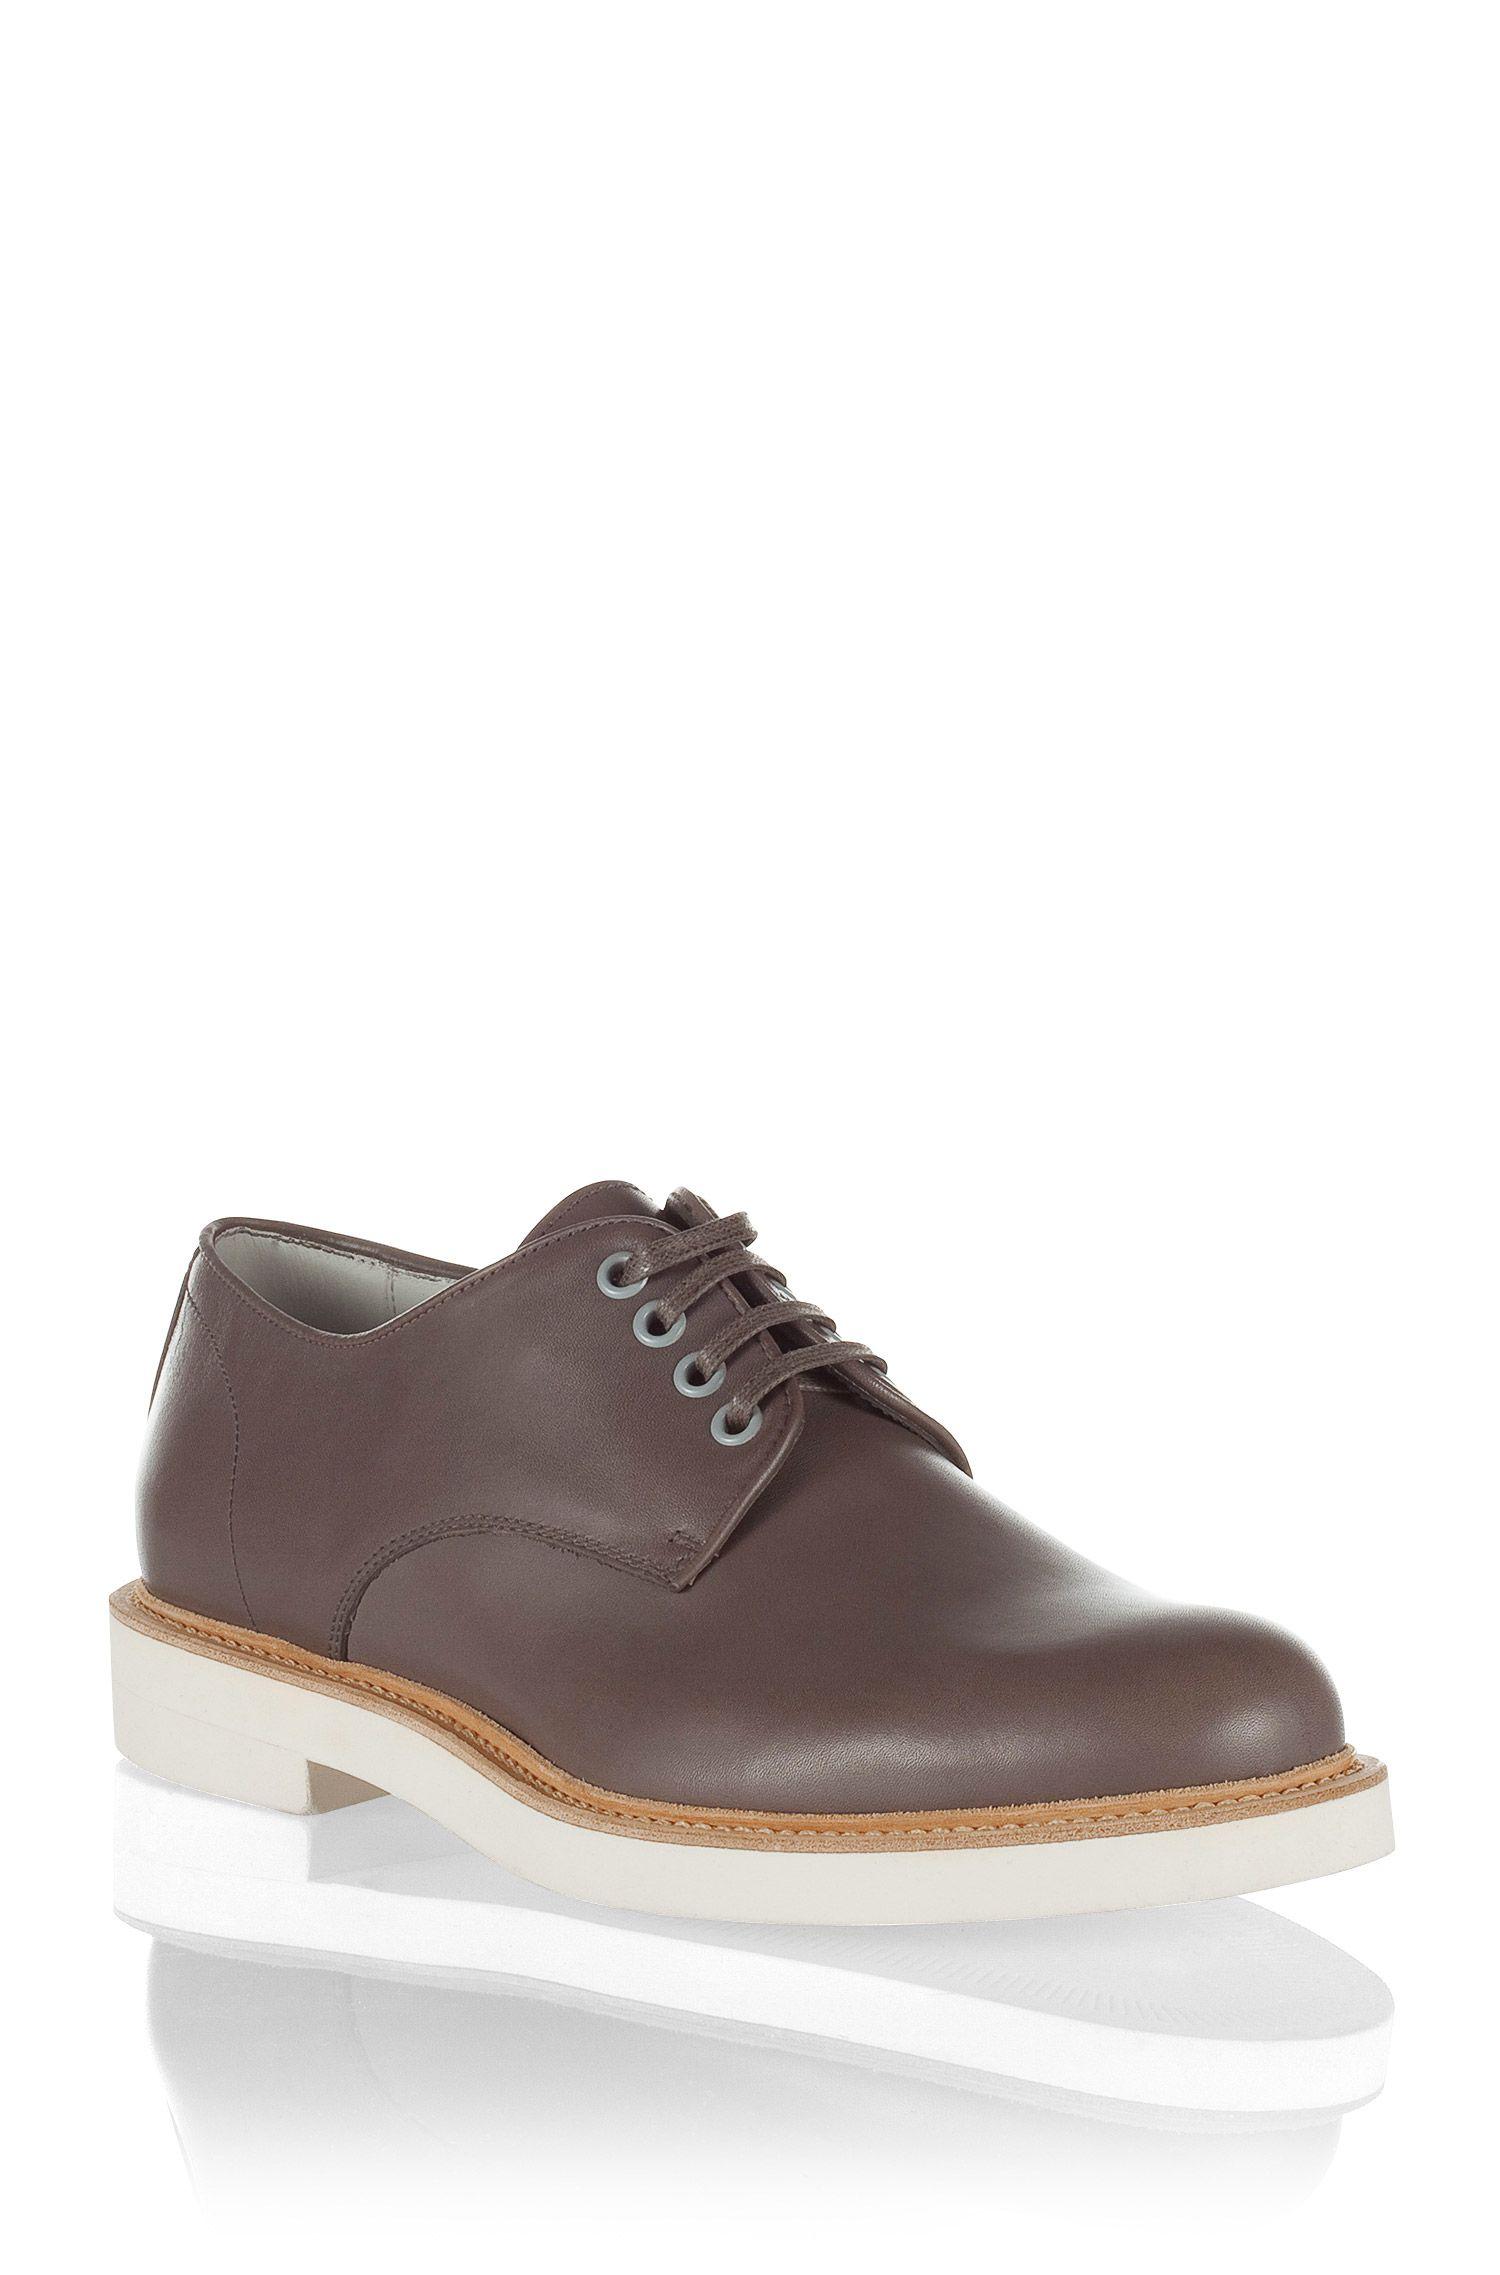 Designer-Schuh ´GRADIO` aus Glattleder